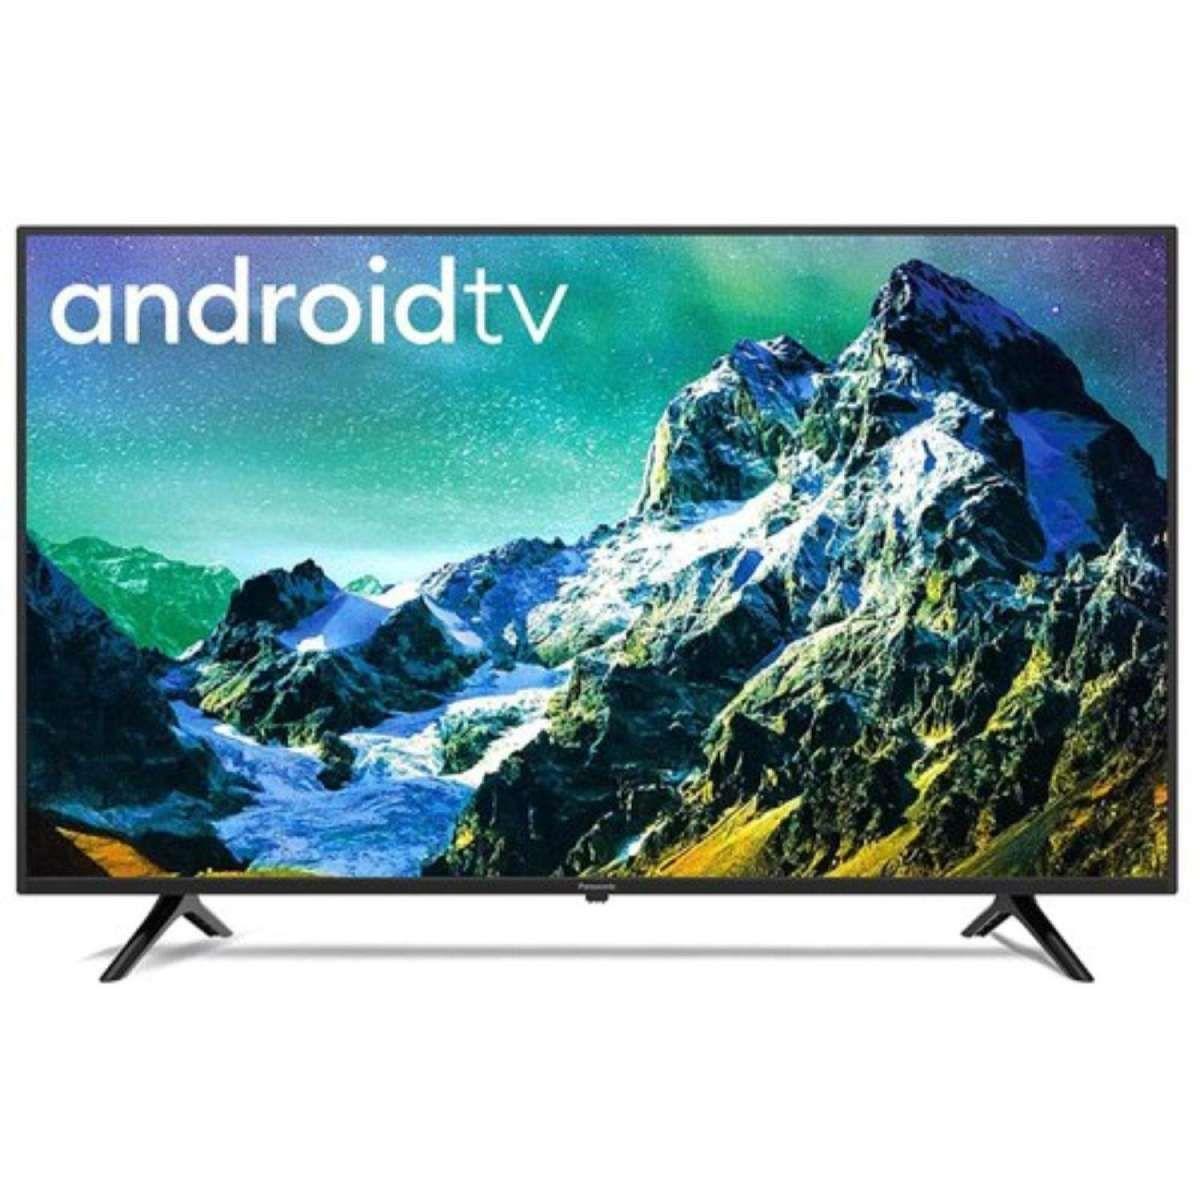 ಪ್ಯಾನಾಸೊನಿಕ್ HS450DX 32-Inch HD Ready LED TV(2021)